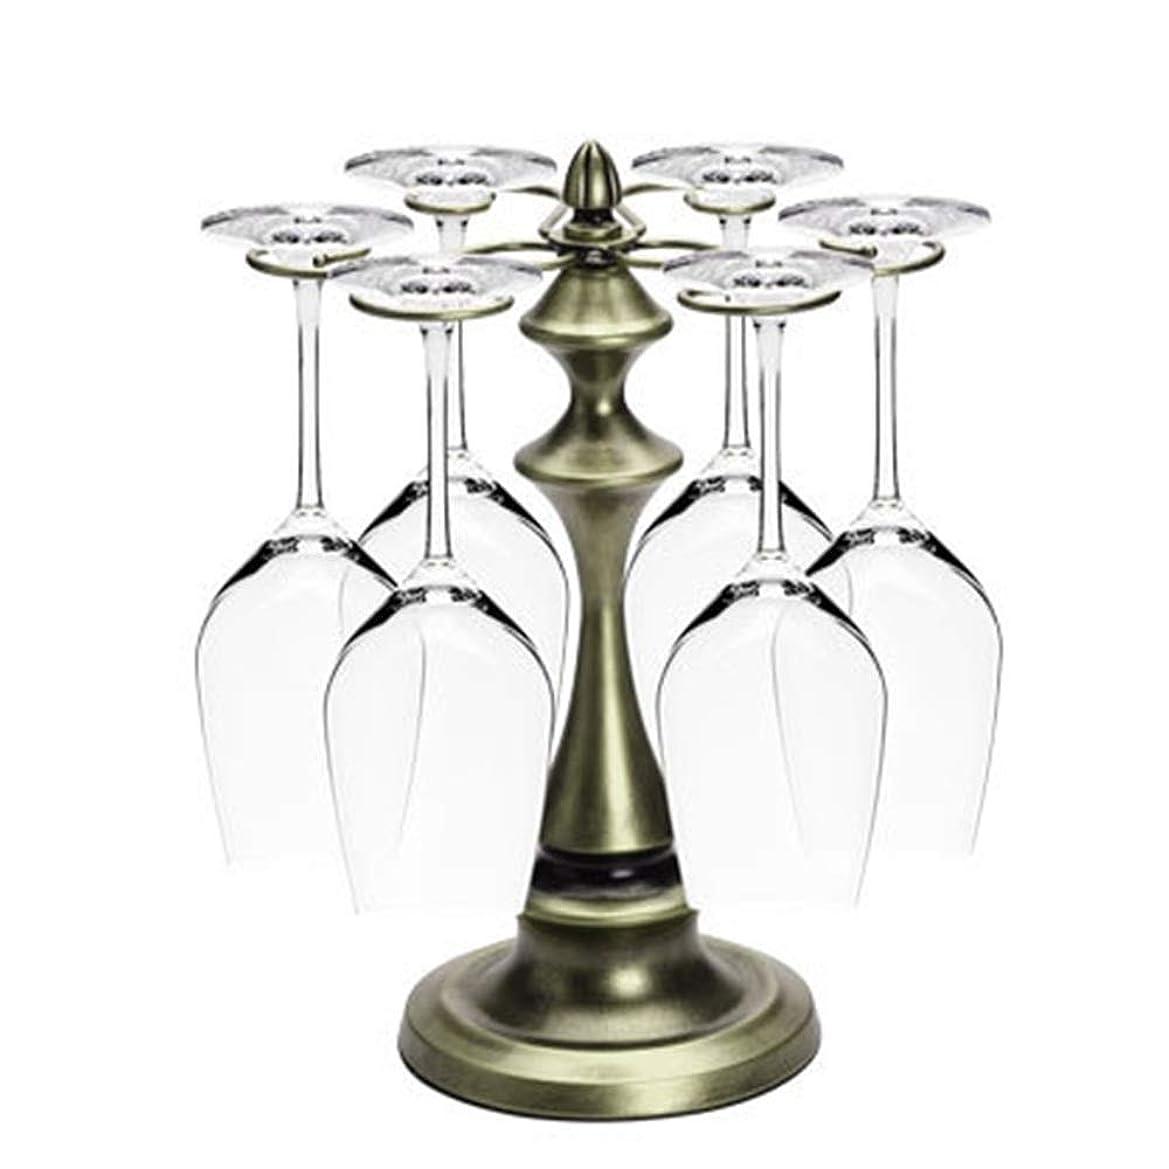 分類する肌努力するワインスタンド ワインボトルホルダー ワイングラスカップホルダーレトロタワーデザイン自立卓上メタル脚付き収納ラック6フック付き銅ブロンズシャンパンカラー (色 : ブロンズ)